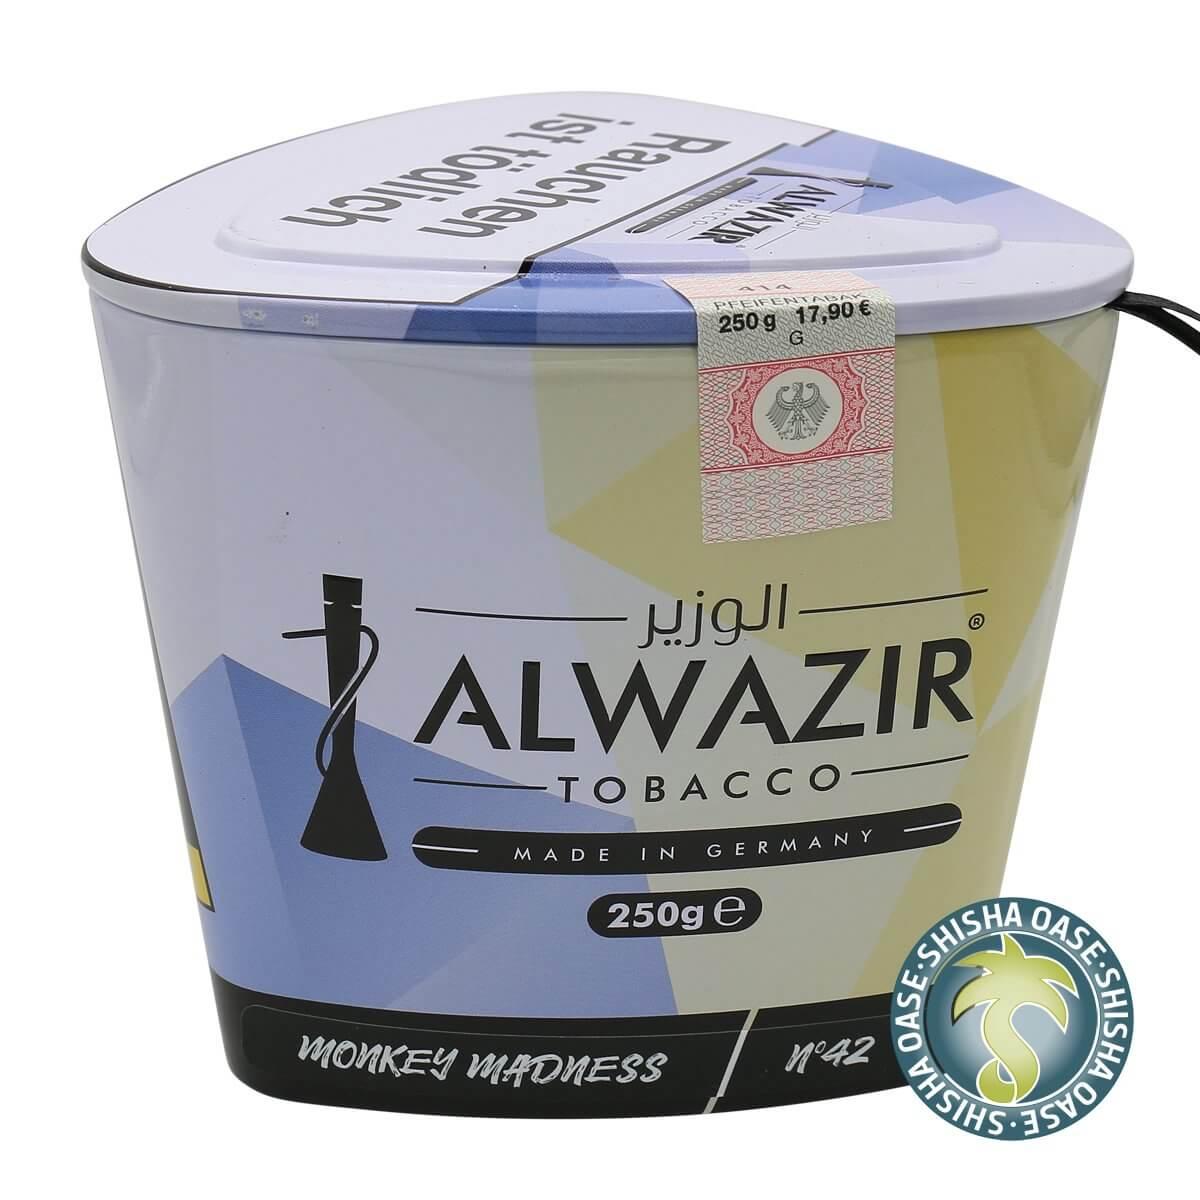 Al Wazir Tabak 250g Dose | Monkey Madness No.42